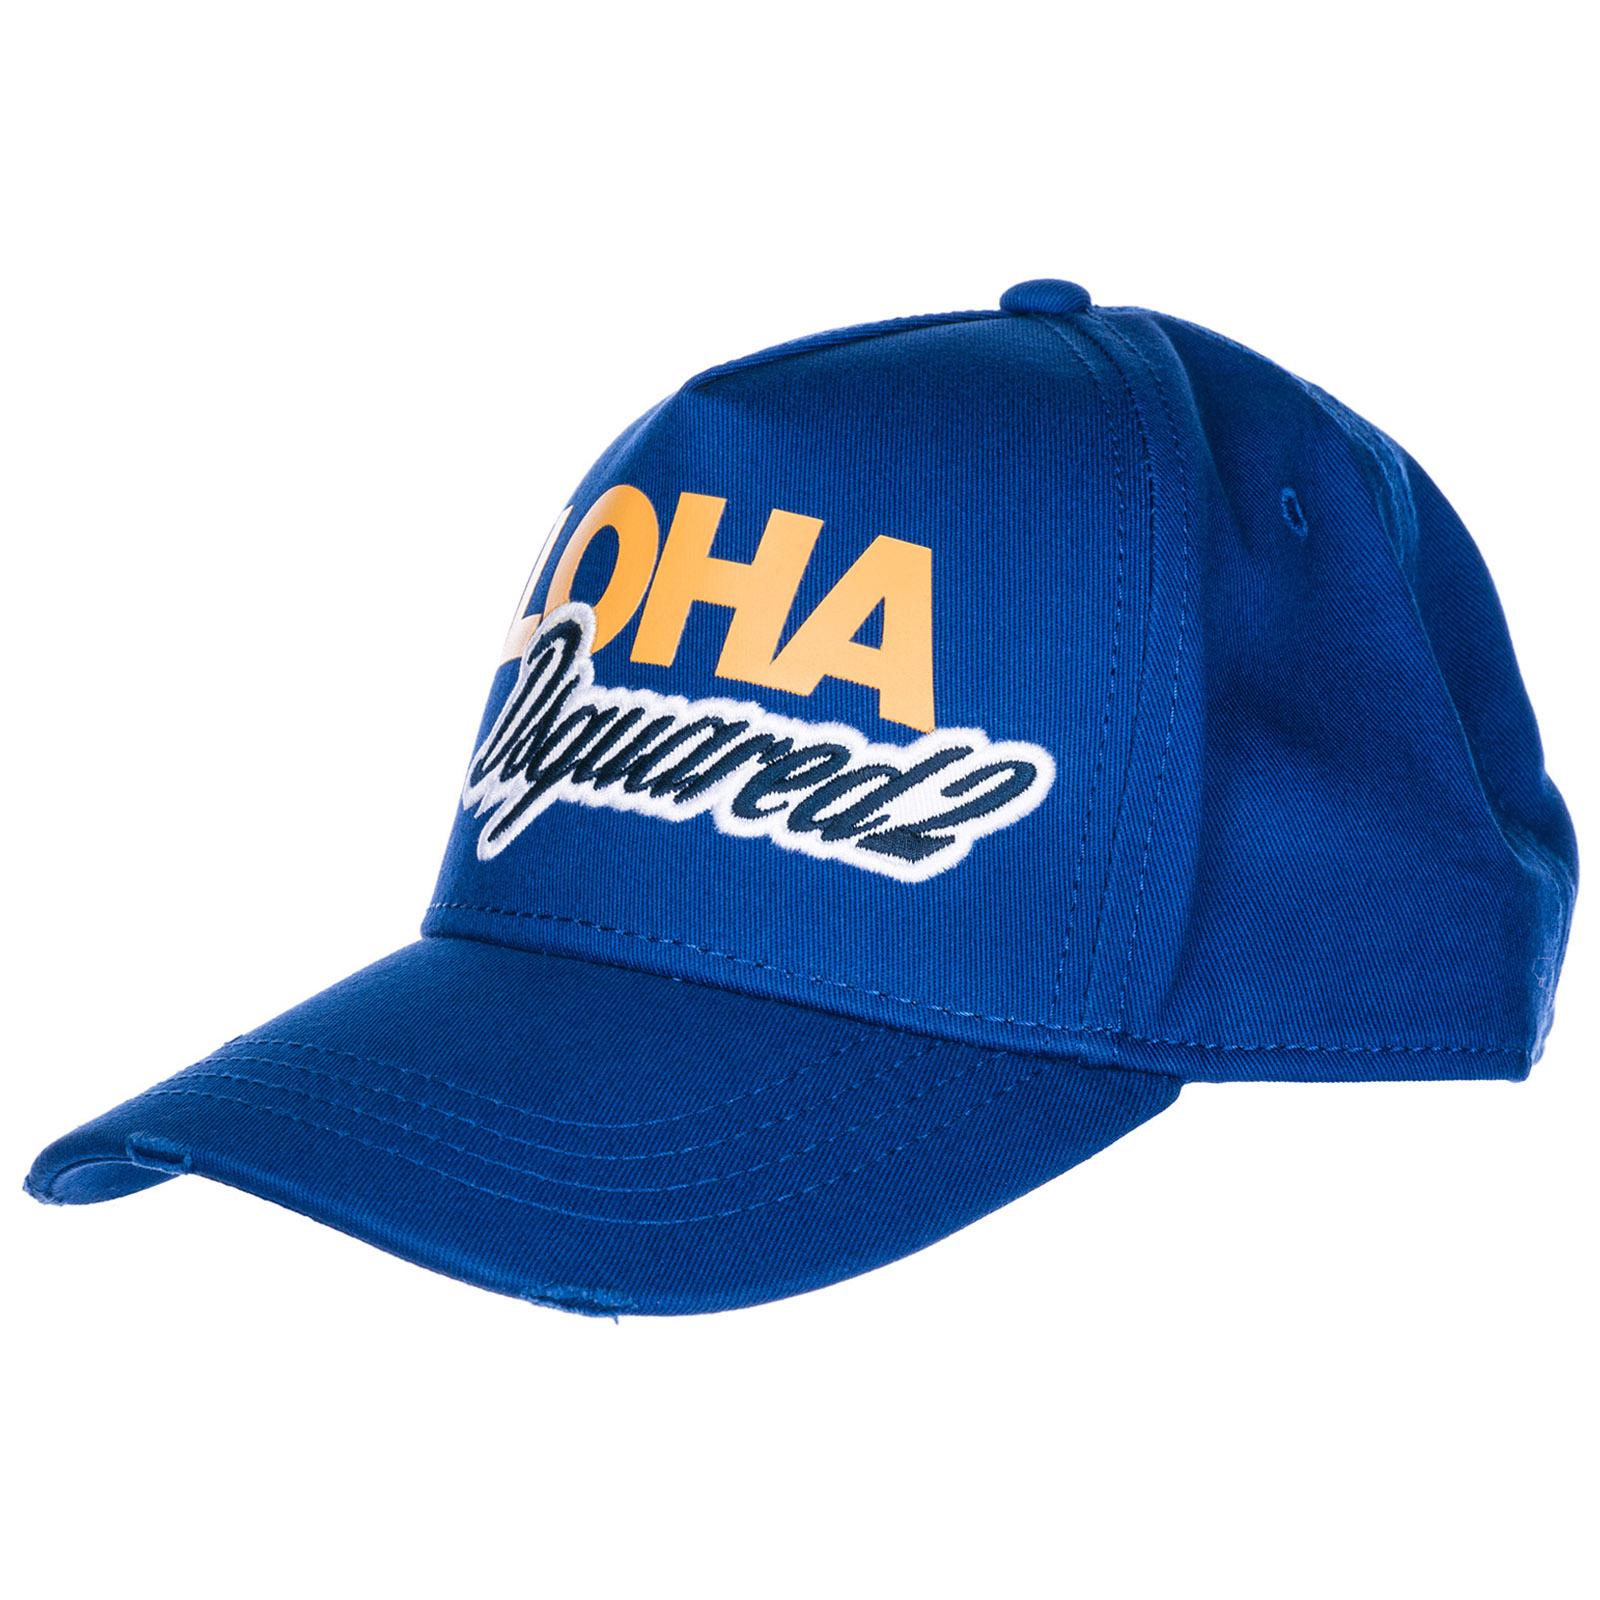 Cappello berretto regolabile uomo in cotone aloha baseball